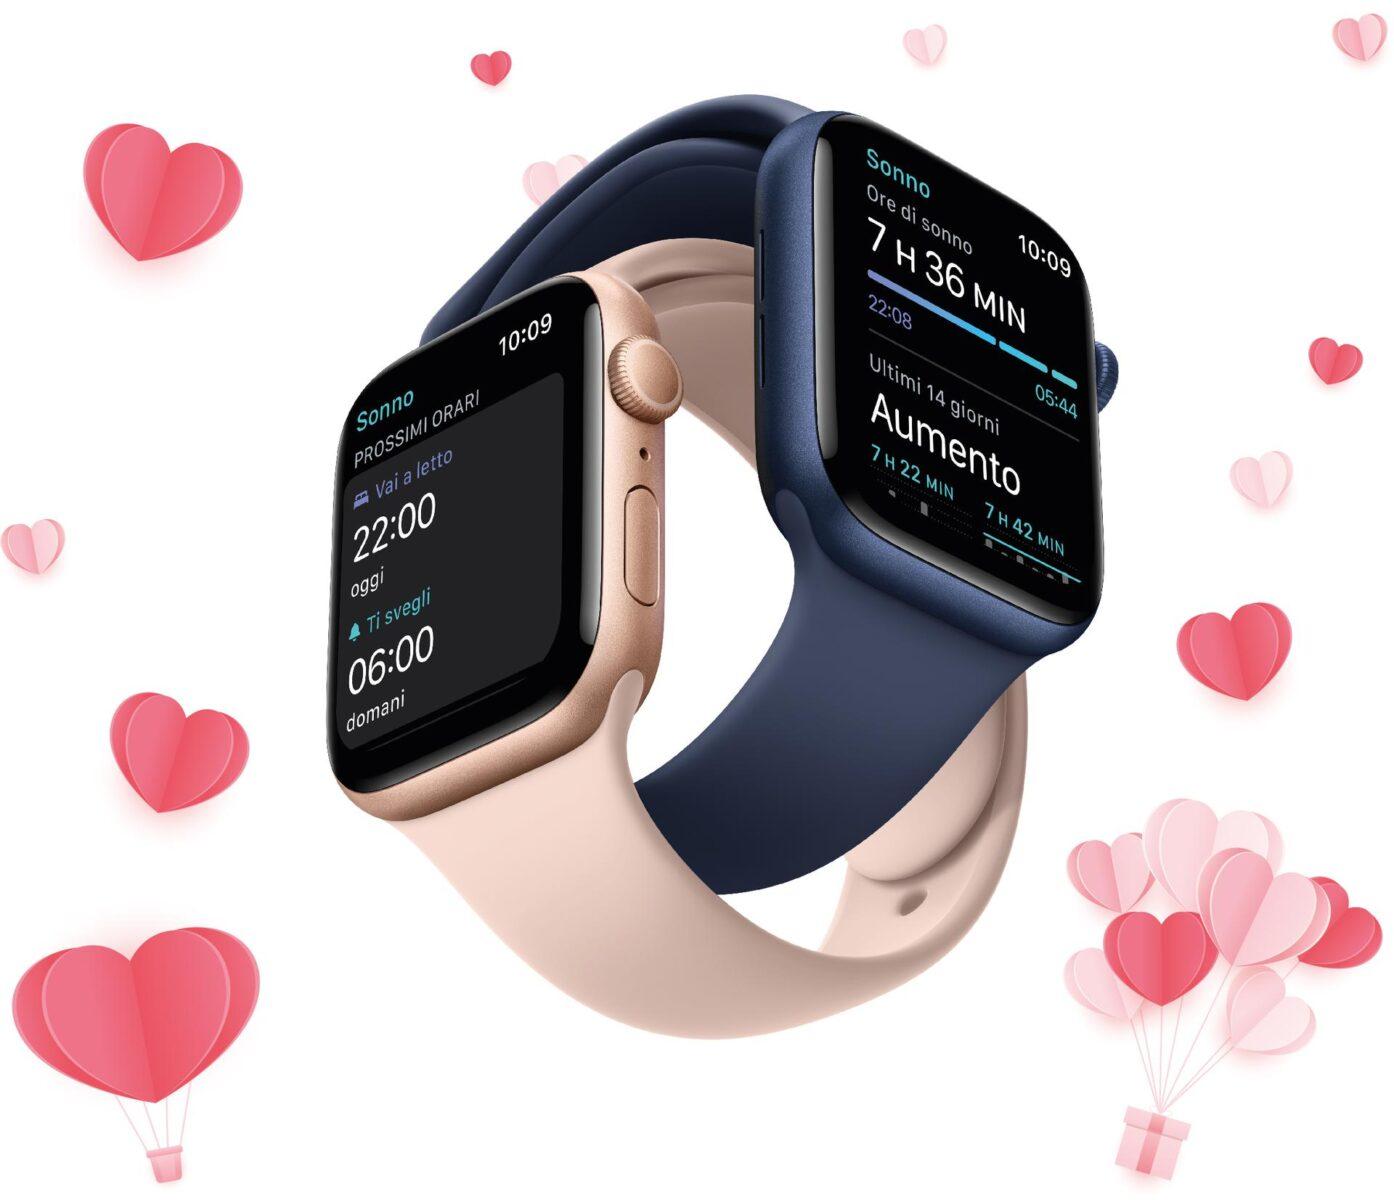 Da Juice i regali di San Valentino sono marchiati Apple